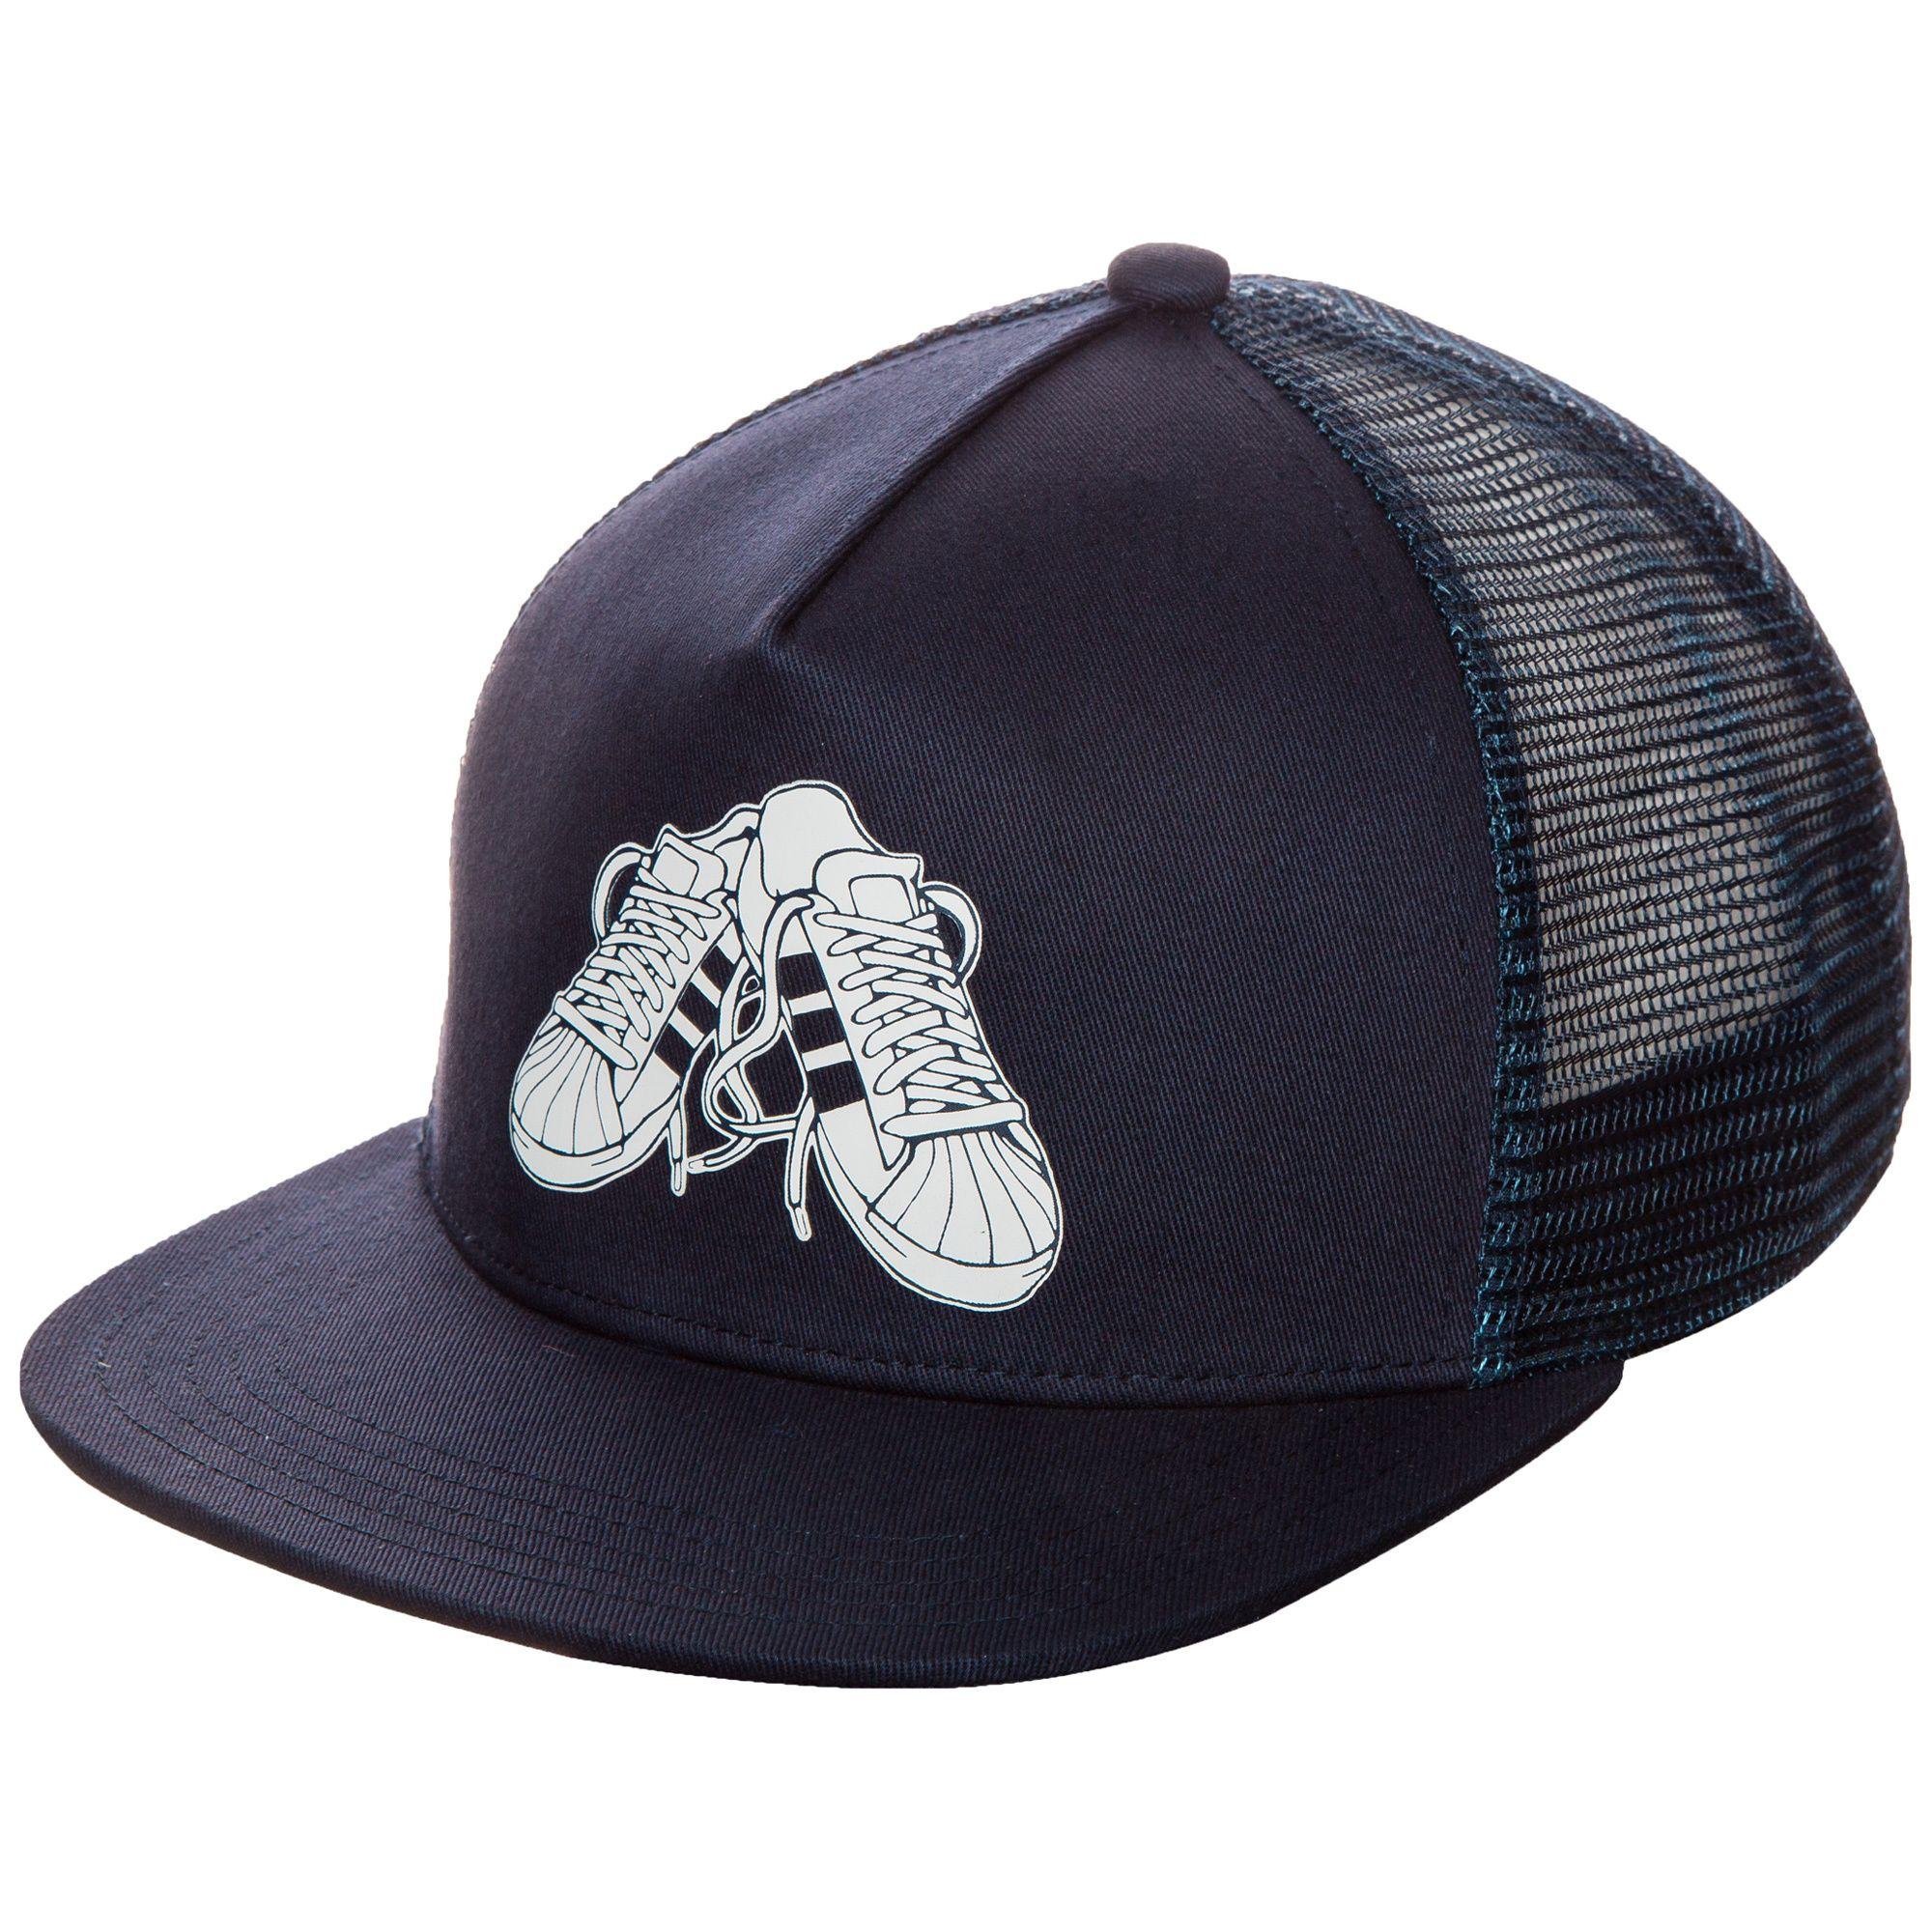 ADIDAS ORIGINALS adidas Originals Trucker Sneaker Cap Herren